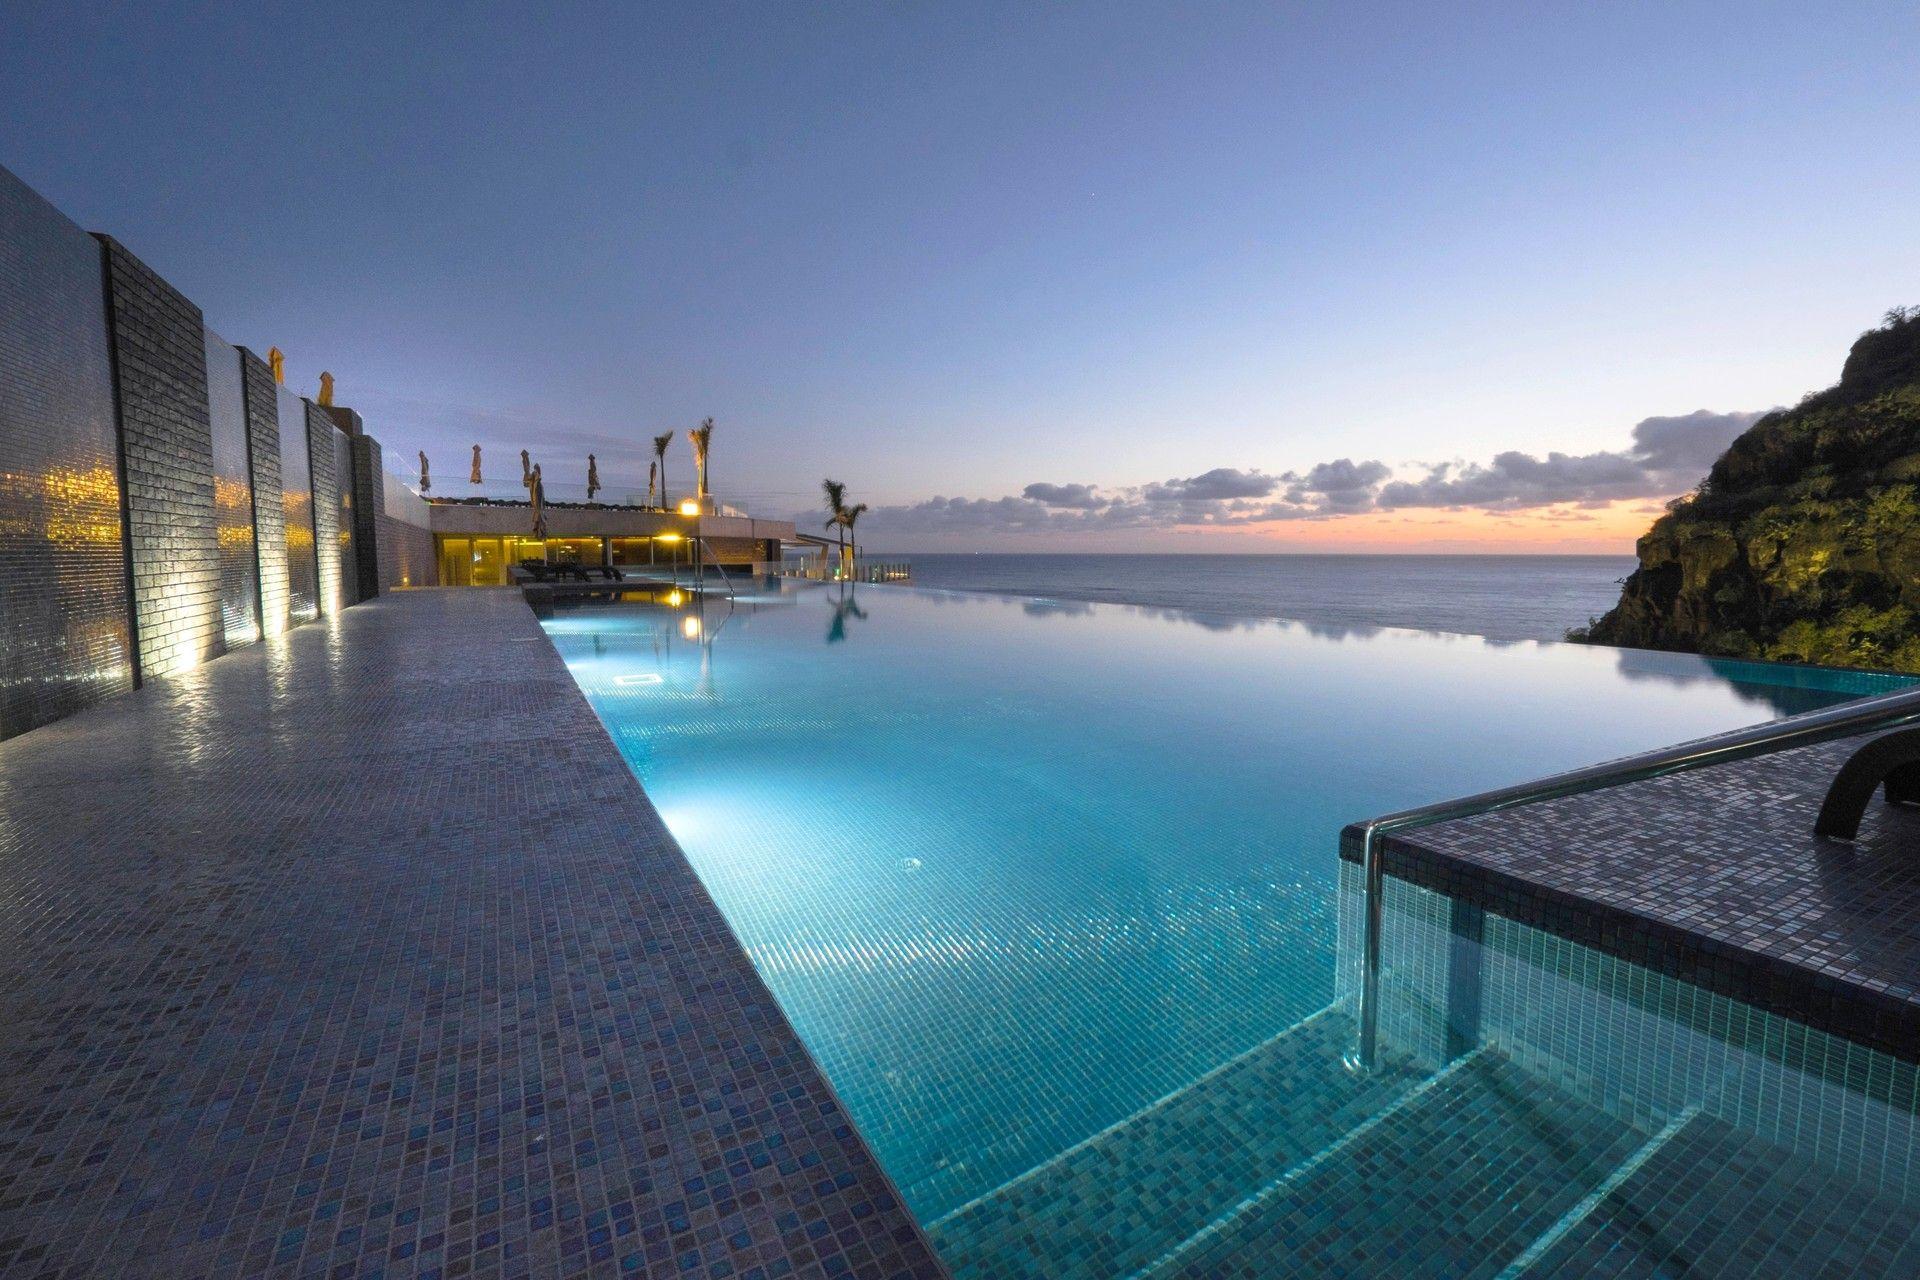 Hôtel saccharum resort & spa 5*